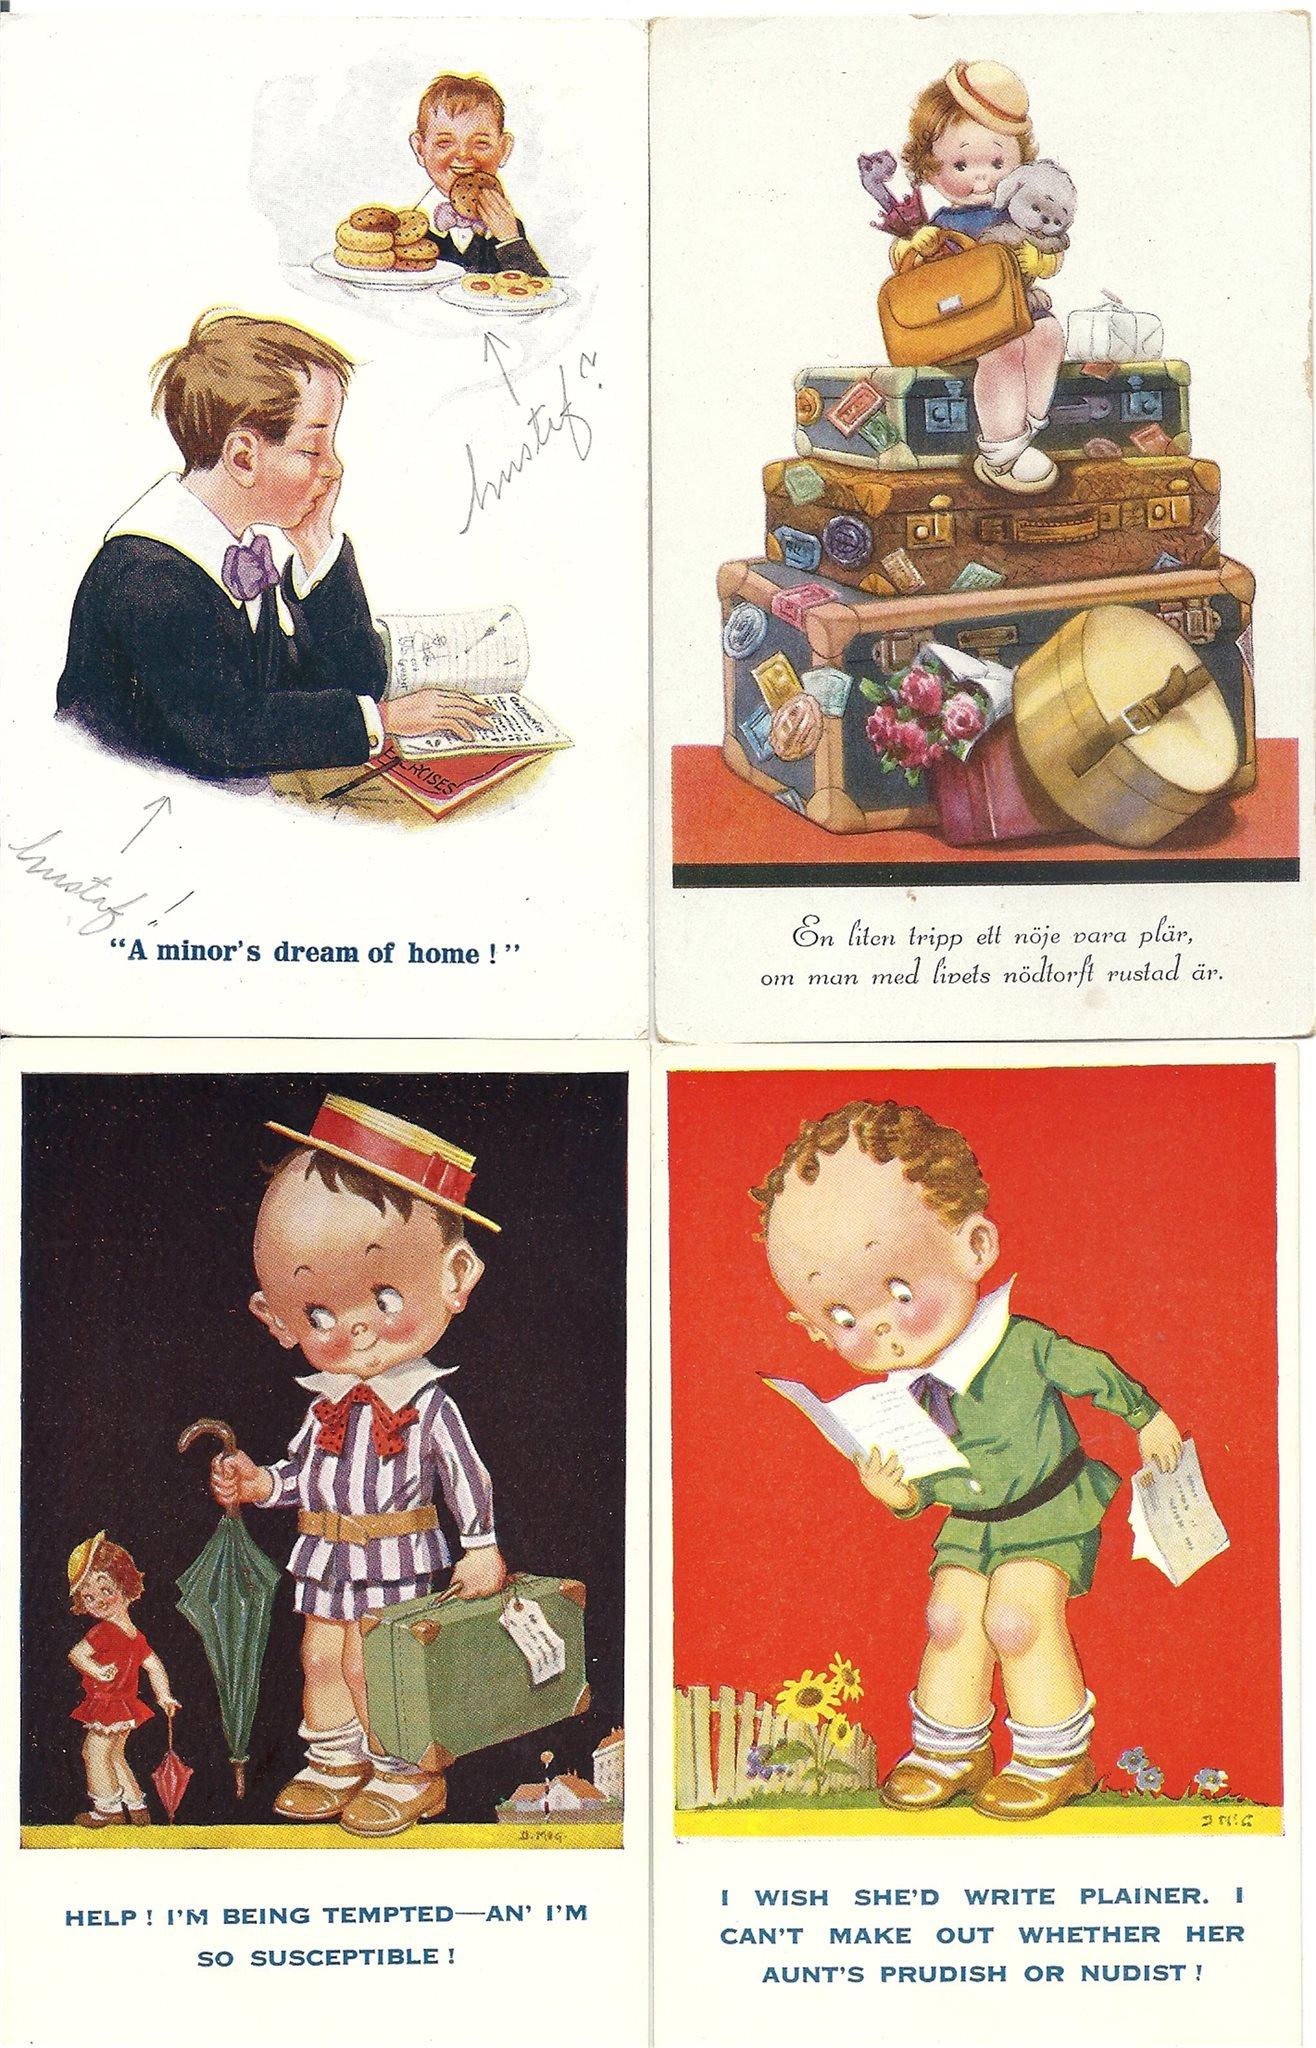 gratulationskort engelska 4 Gratulationskort varav 3 är engelska kort ! (319991588) ᐈ Köp  gratulationskort engelska